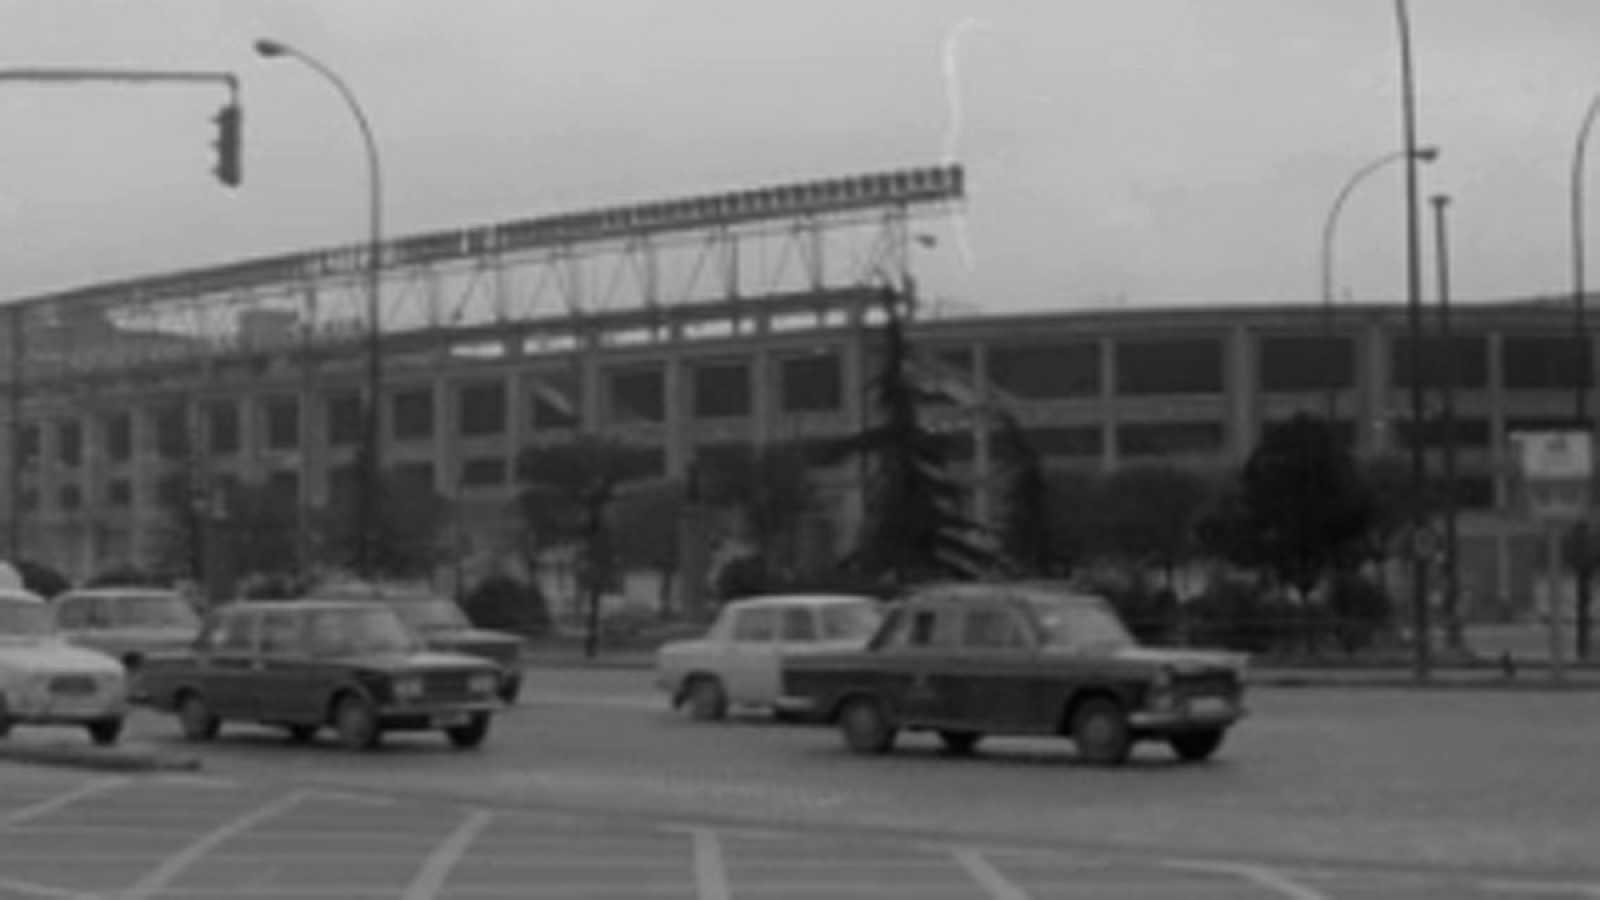 Noticias Nacional 1974 - ¿El Prado y el Botánico al Santiago Bernabéu?